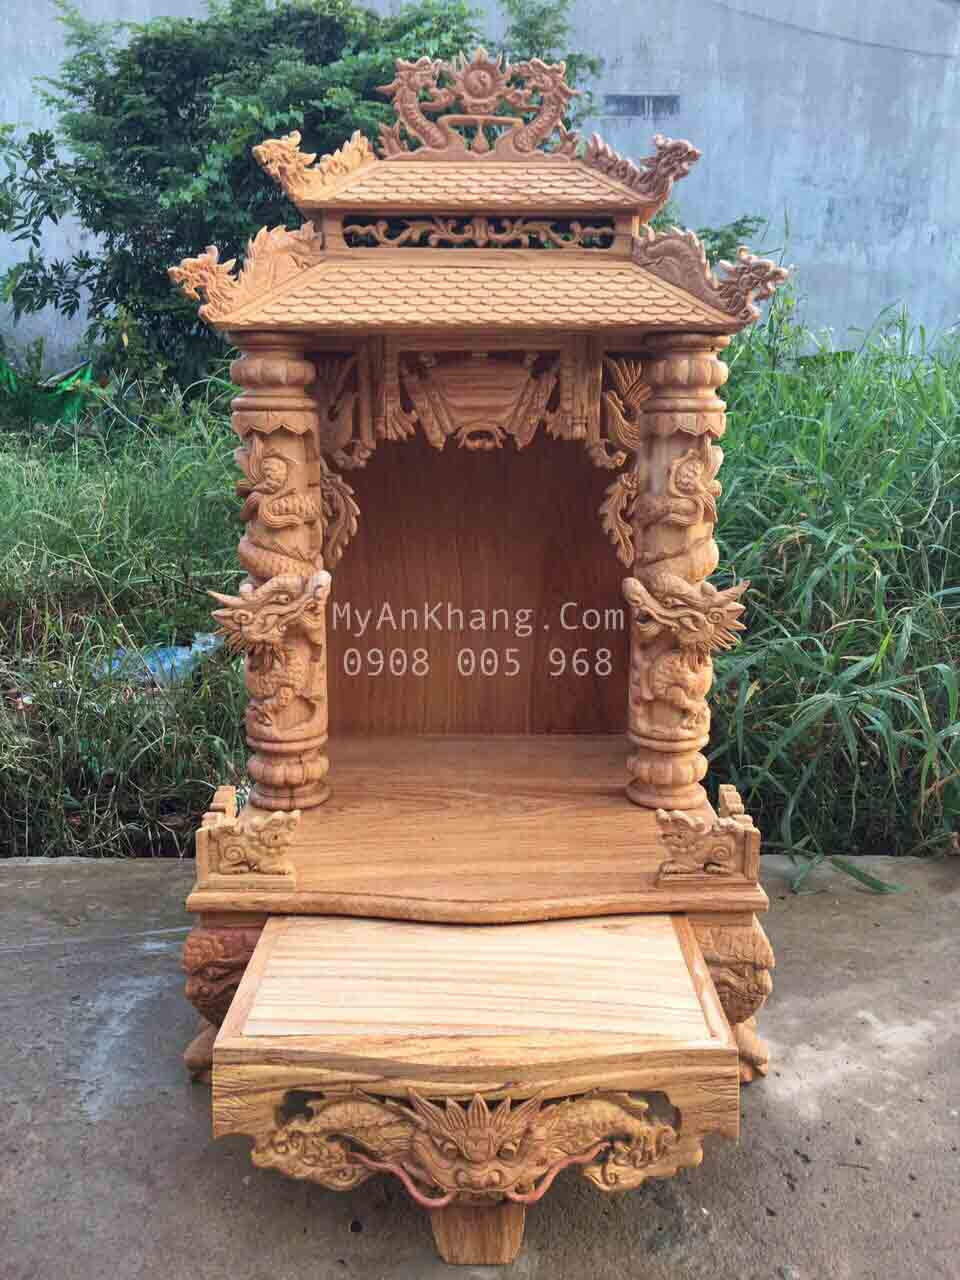 Mẫu bàn thờ thần tài mái chùa đẹp VIP